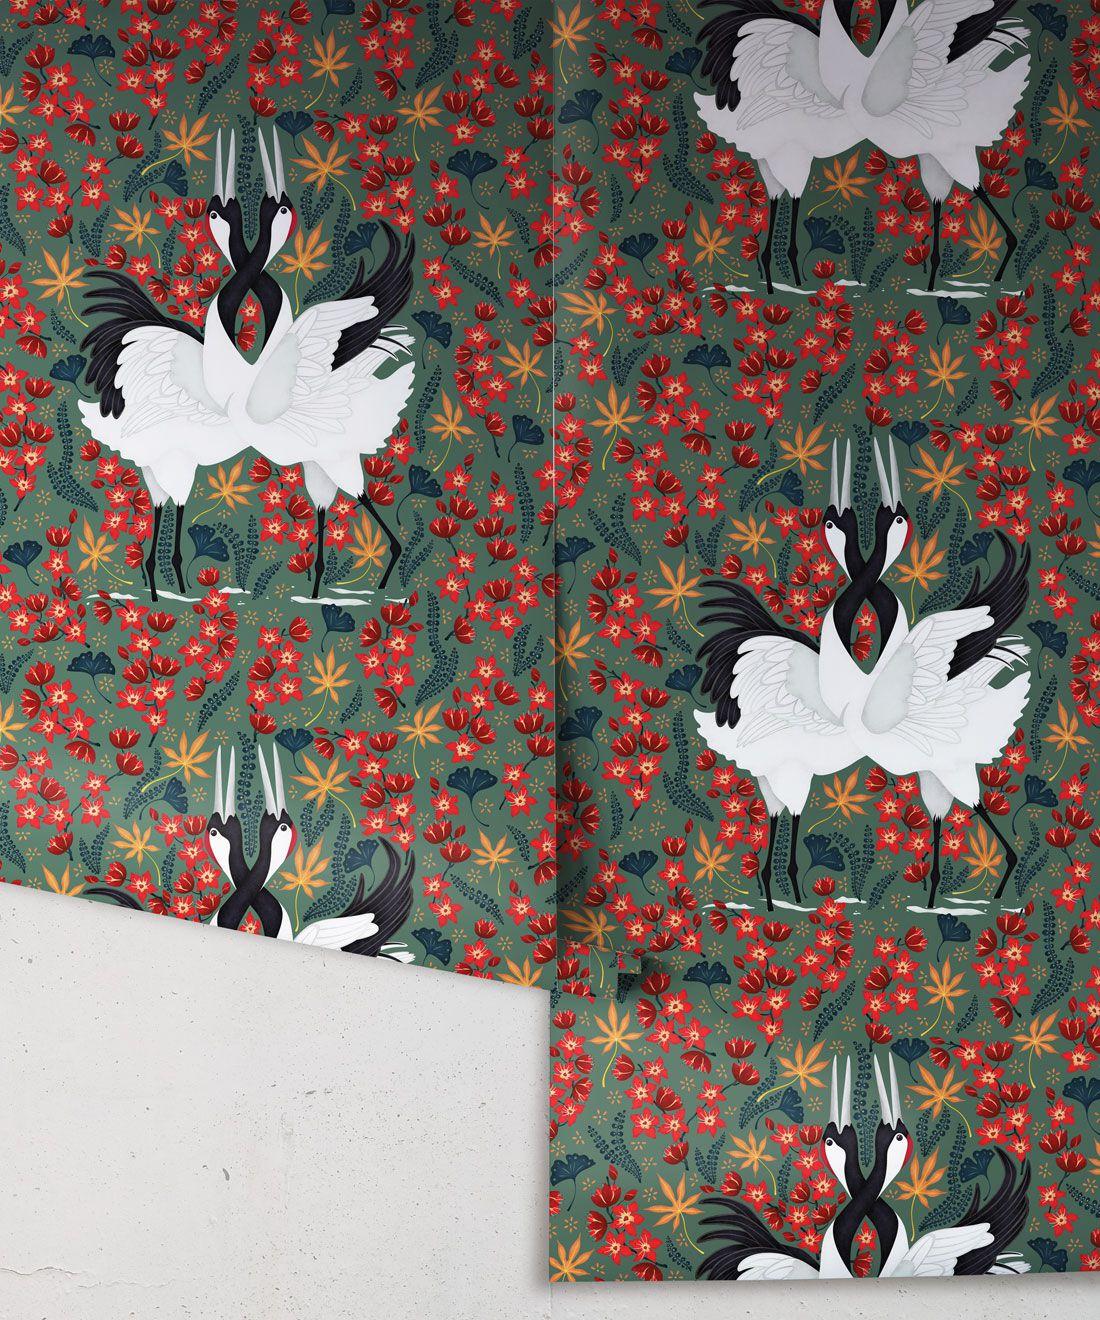 Japanese Cranes Wallpaper • Bird Wallpaper • Red and Green Wallpaper